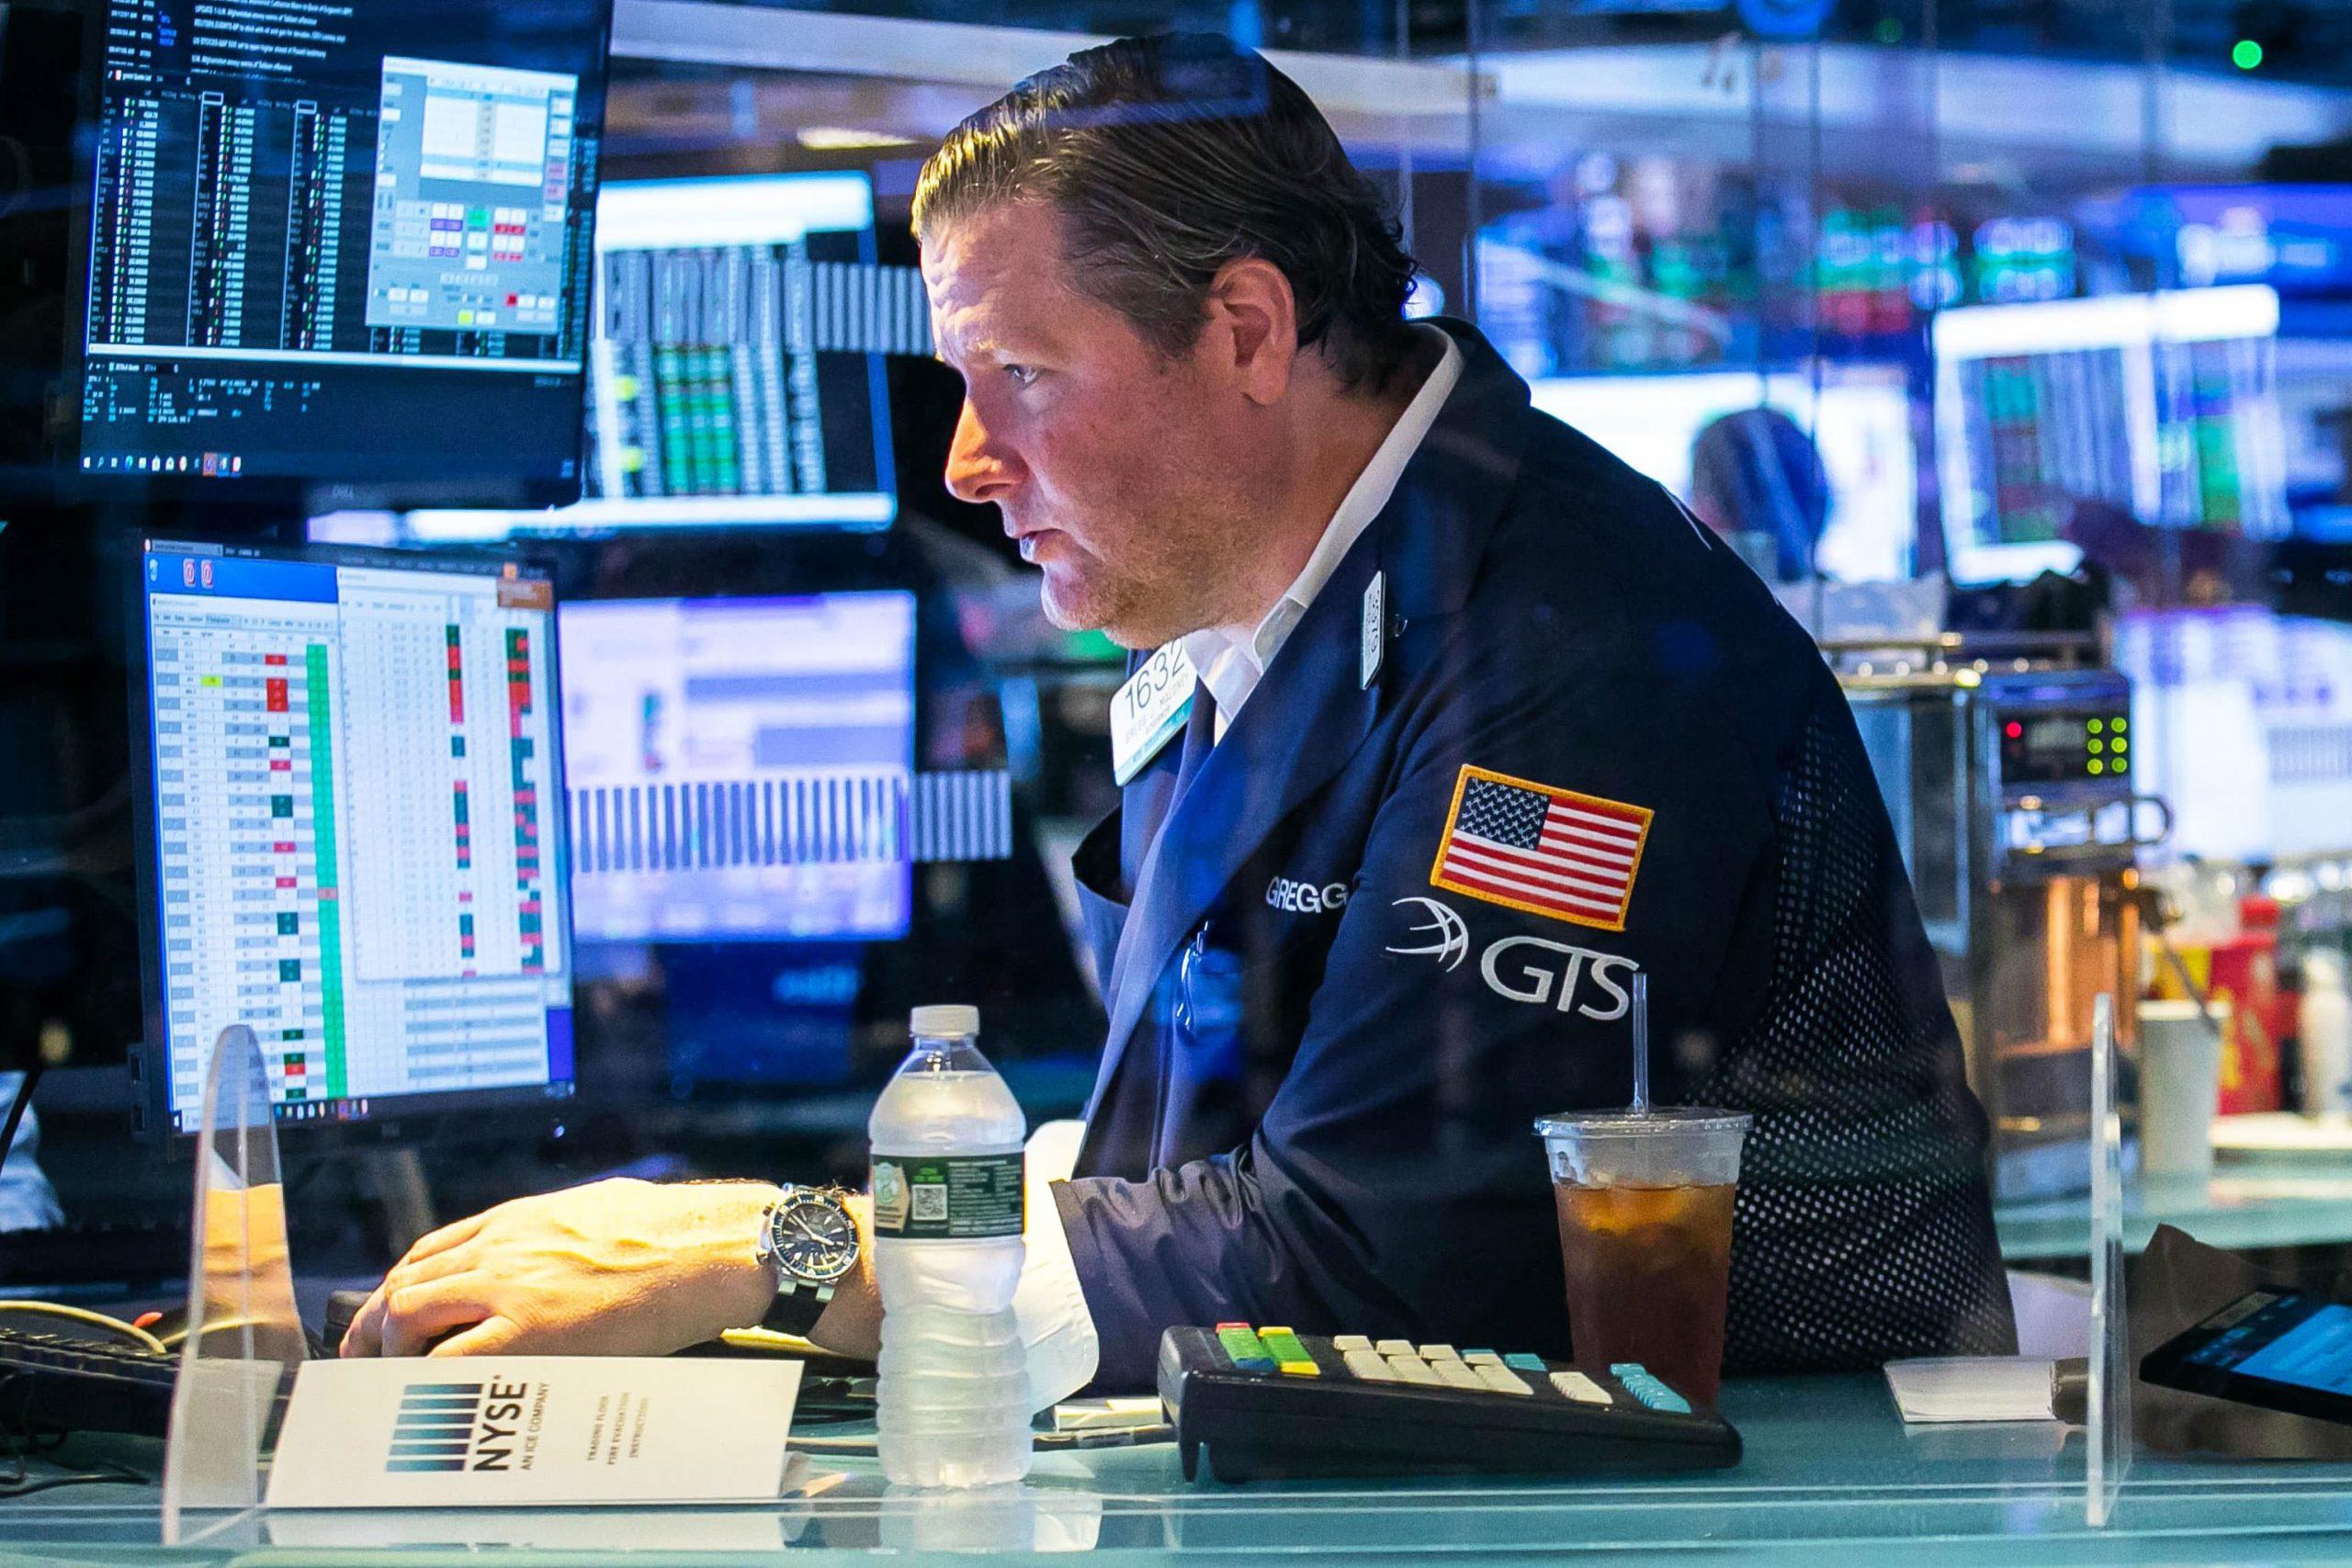 Los futuros de acciones se mantienen planos mientras el S&P 500 se ubica en un récord, Wall Street está listo para comenzar la segunda mitad de 2021